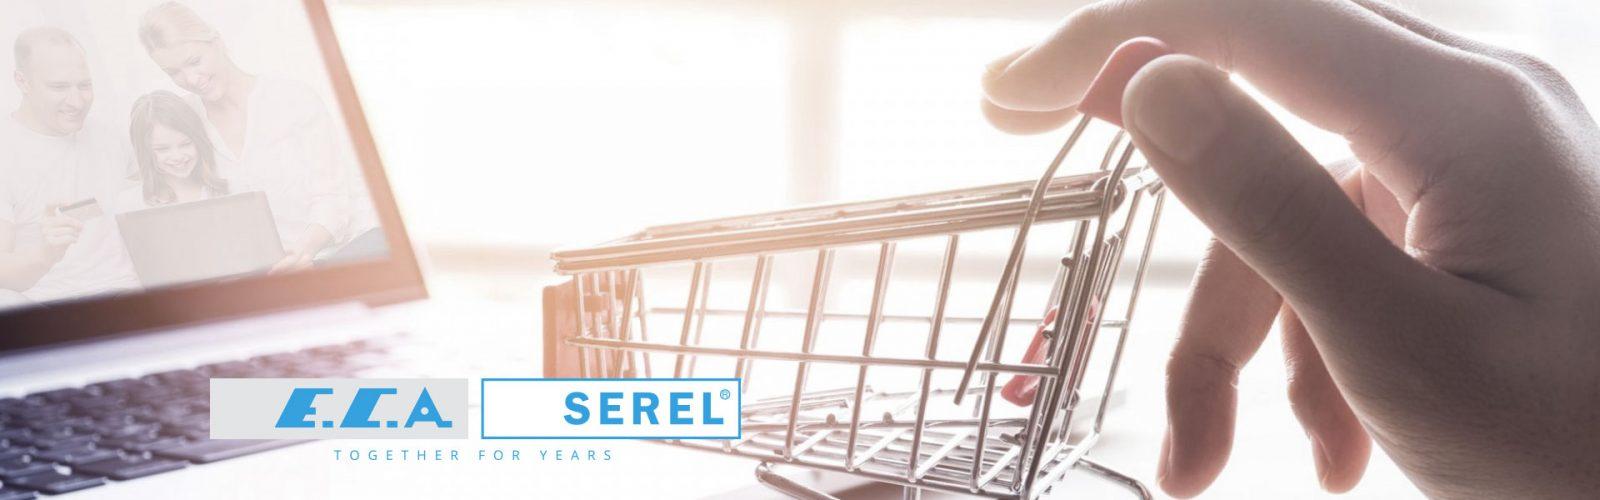 Благодарим Ви, че избрахте продуктите на E.C.A и SEREL